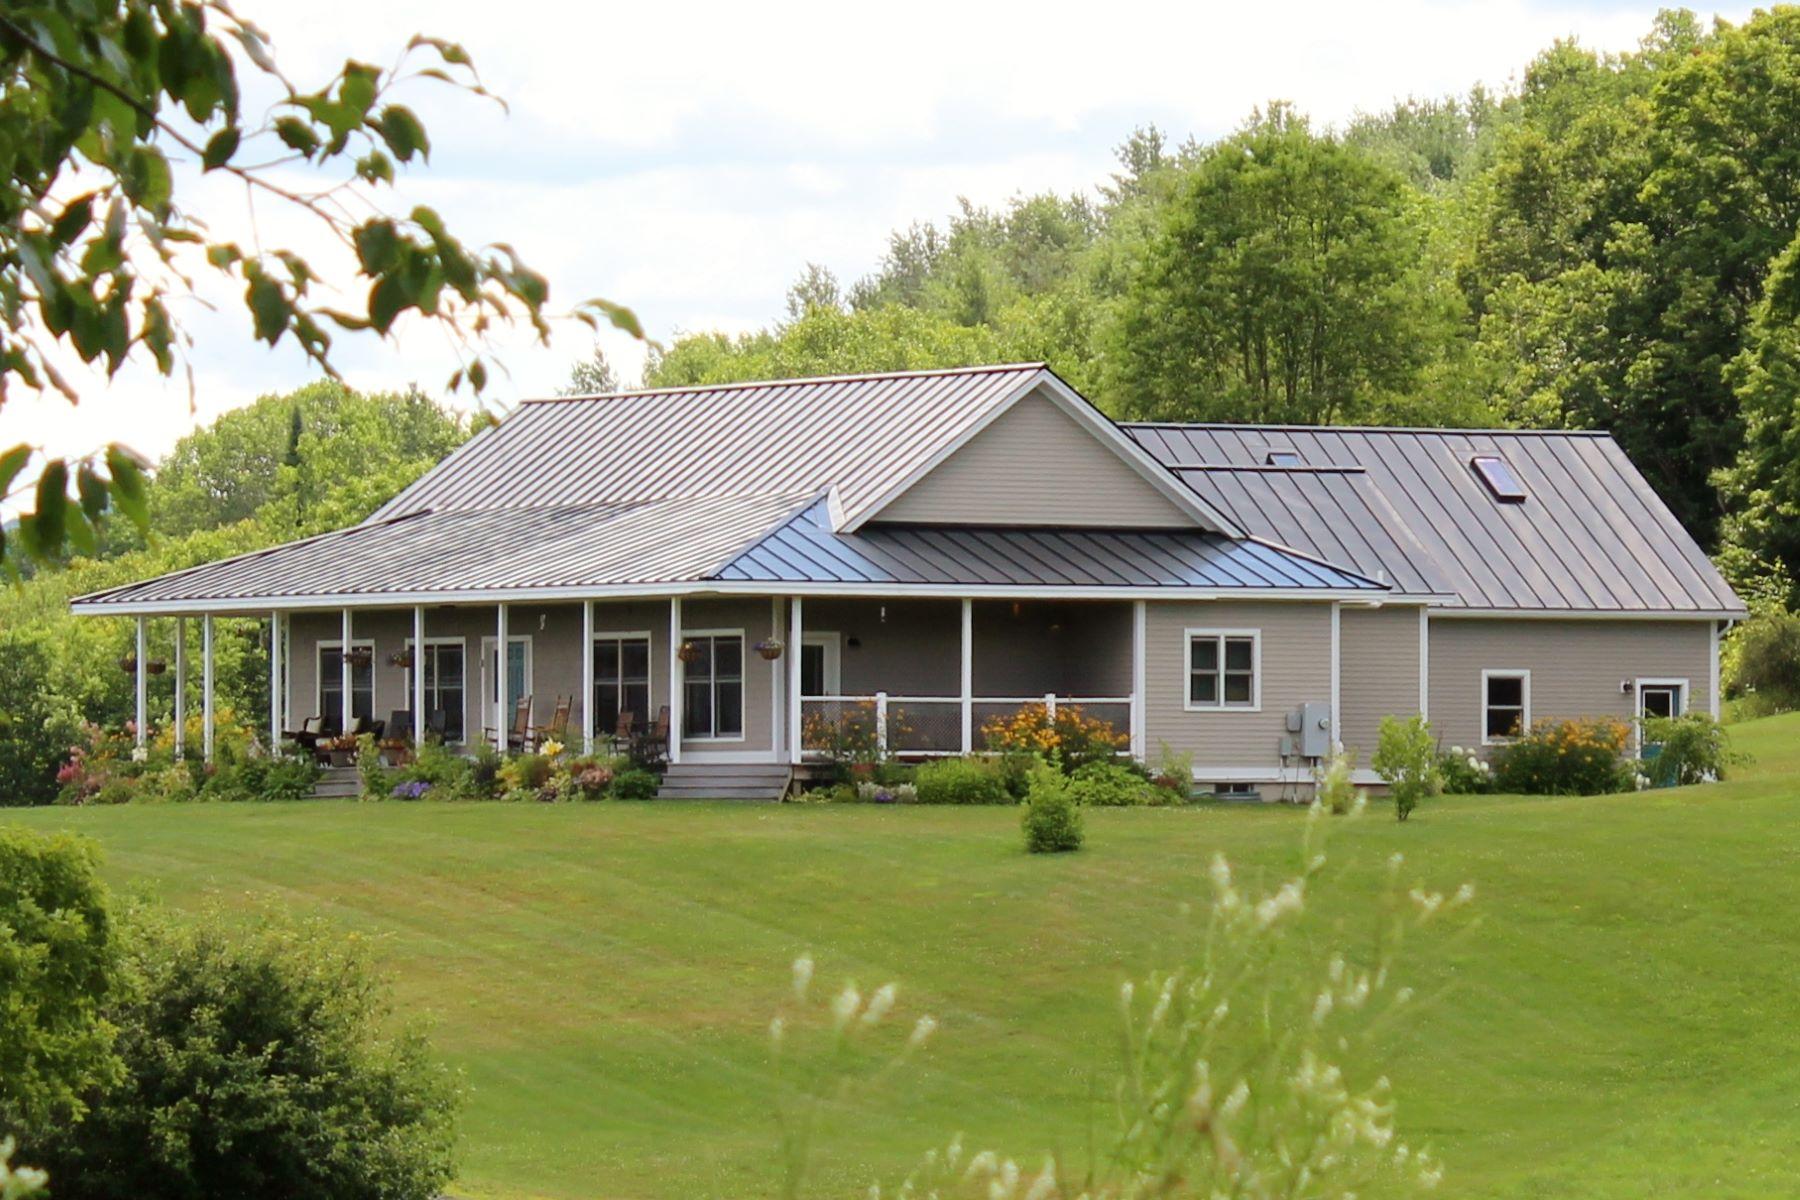 Villa per Vendita alle ore Gorgeous views, one-level living, small barn 254 Whitney Hill Rd Tunbridge, Vermont, 05077 Stati Uniti